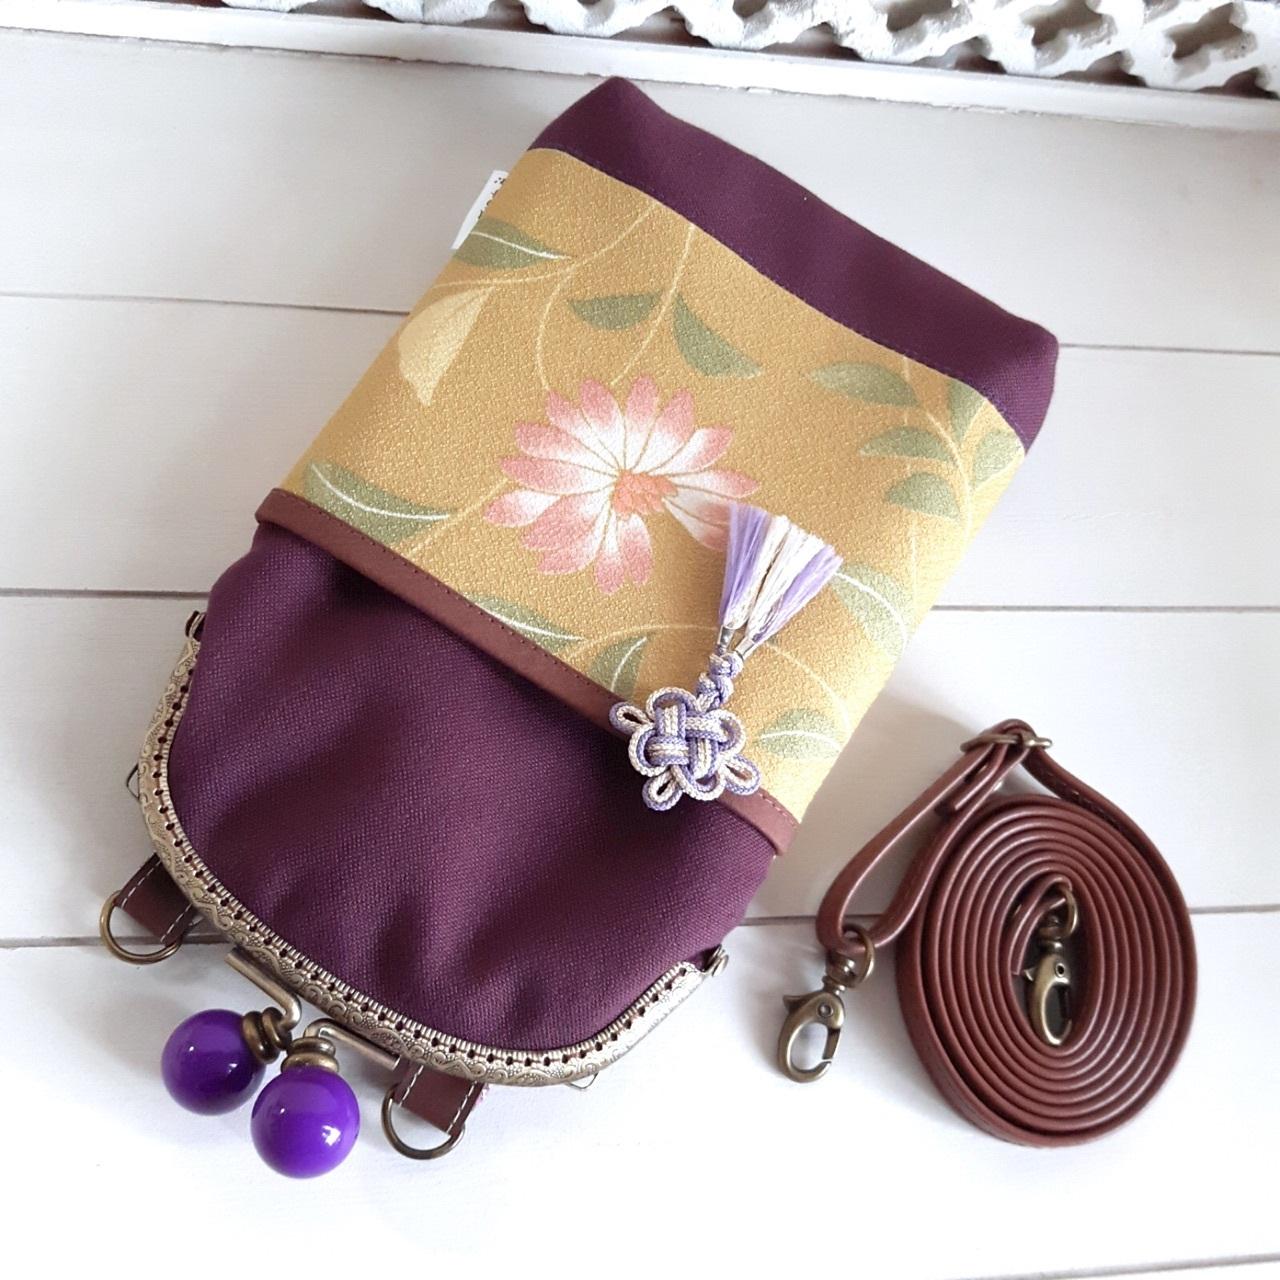 がま口スマホポシェット 紫×黄緑花柄(内側:紫小花)